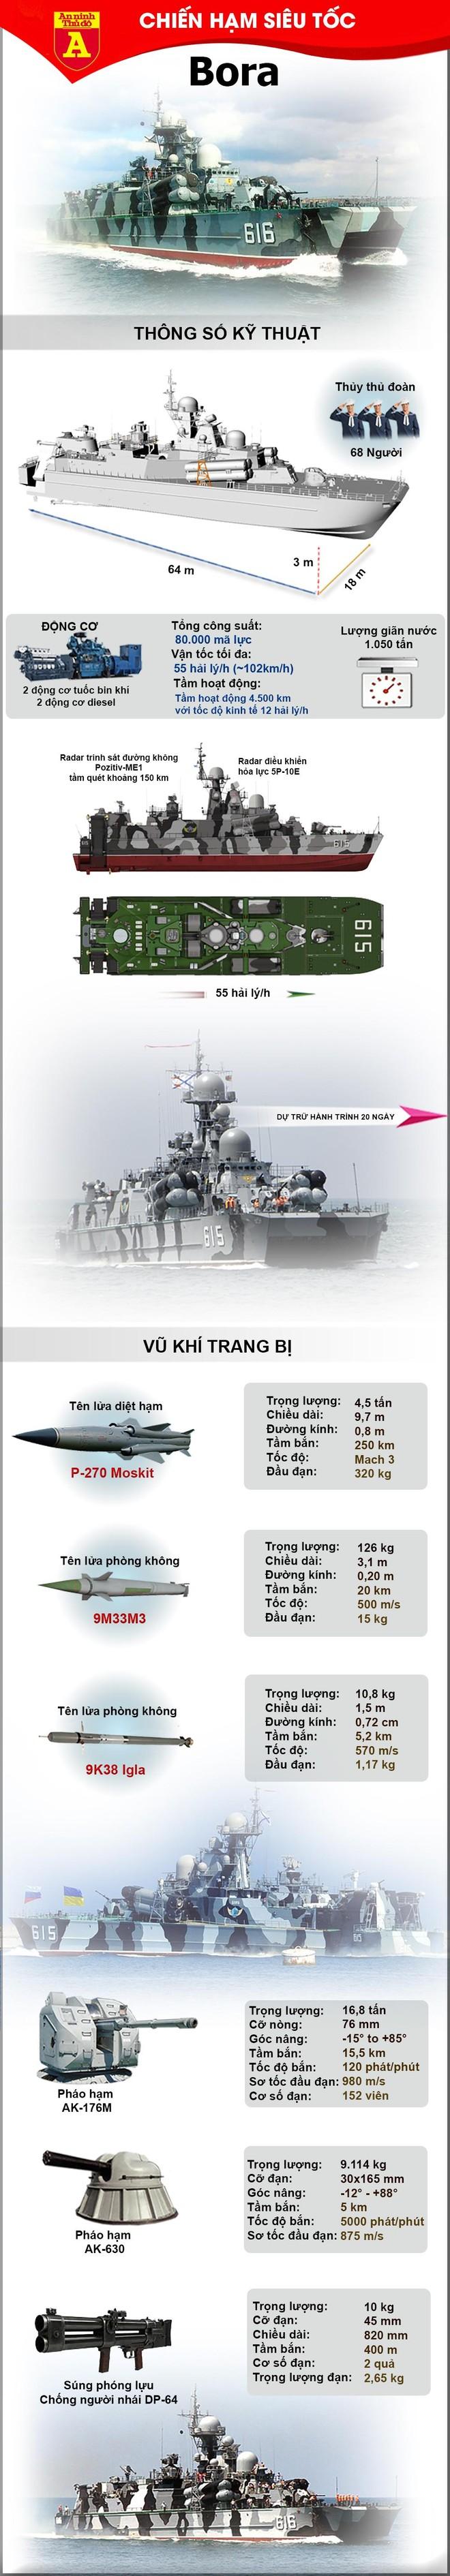 [Info] Chiến hạm lớp Bora của Nga sở hữu kho vũ khí khổng lồ ảnh 2